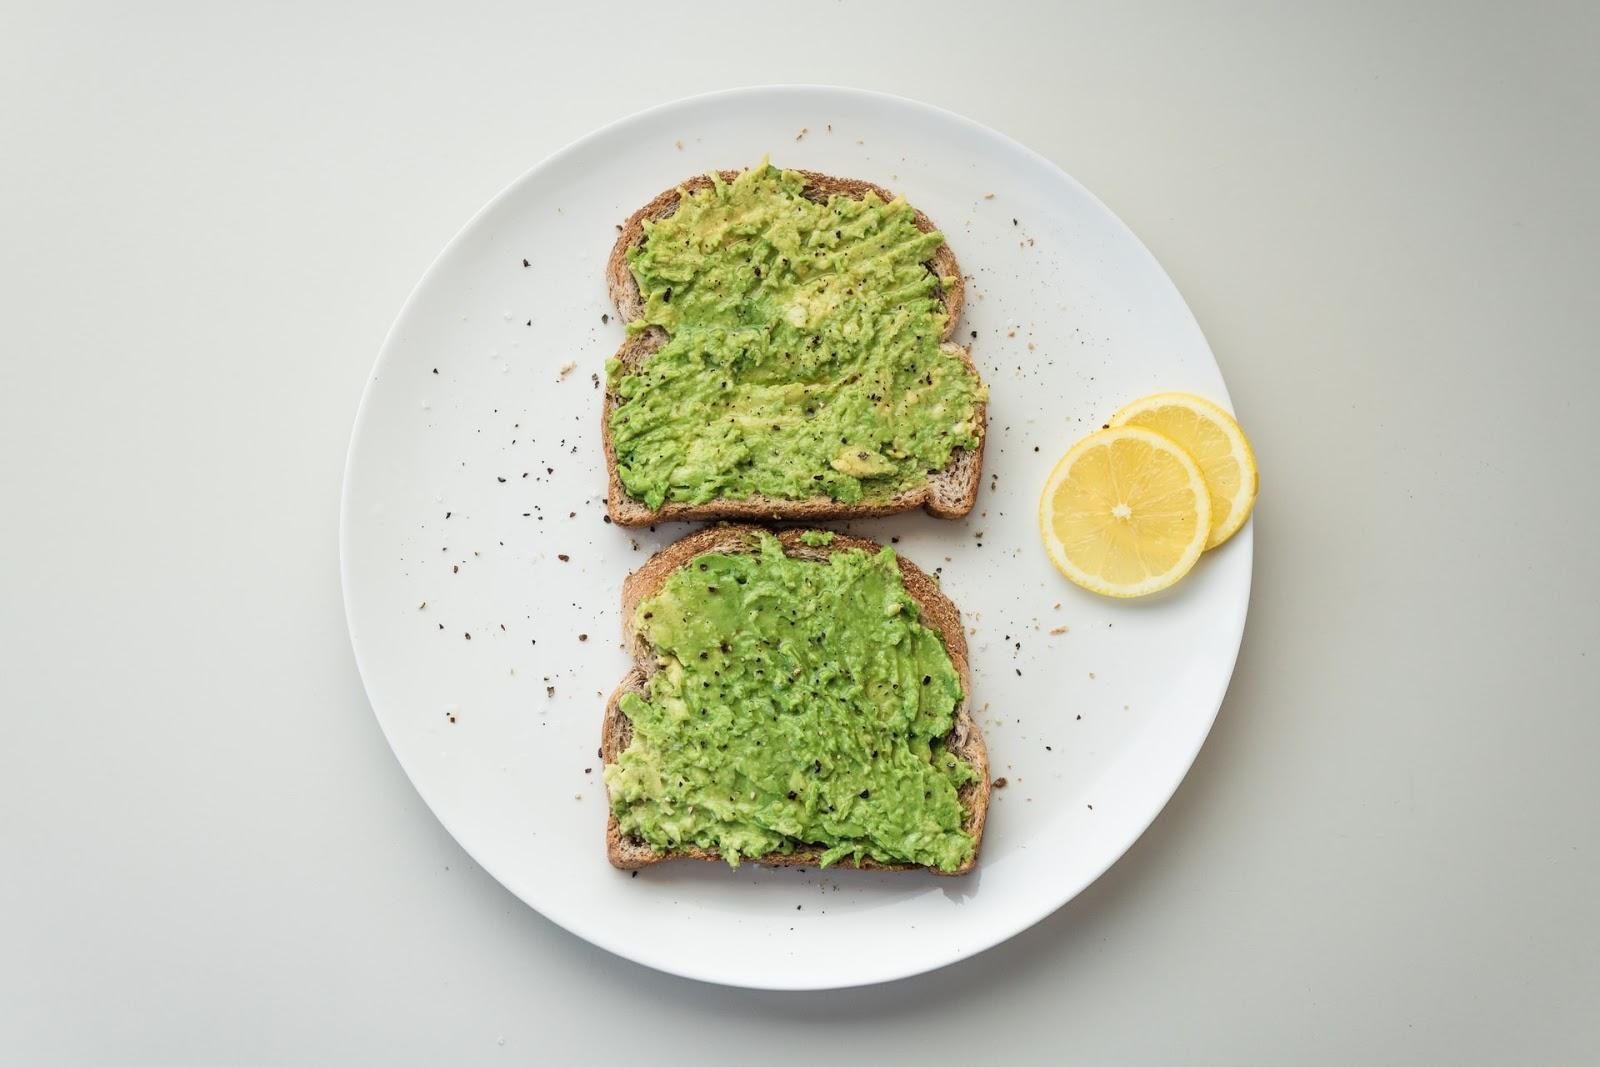 Torradas de abacate estão na lista de comidas boas para o cérebro (Imagem:  Douglas Bagg/Unsplash)